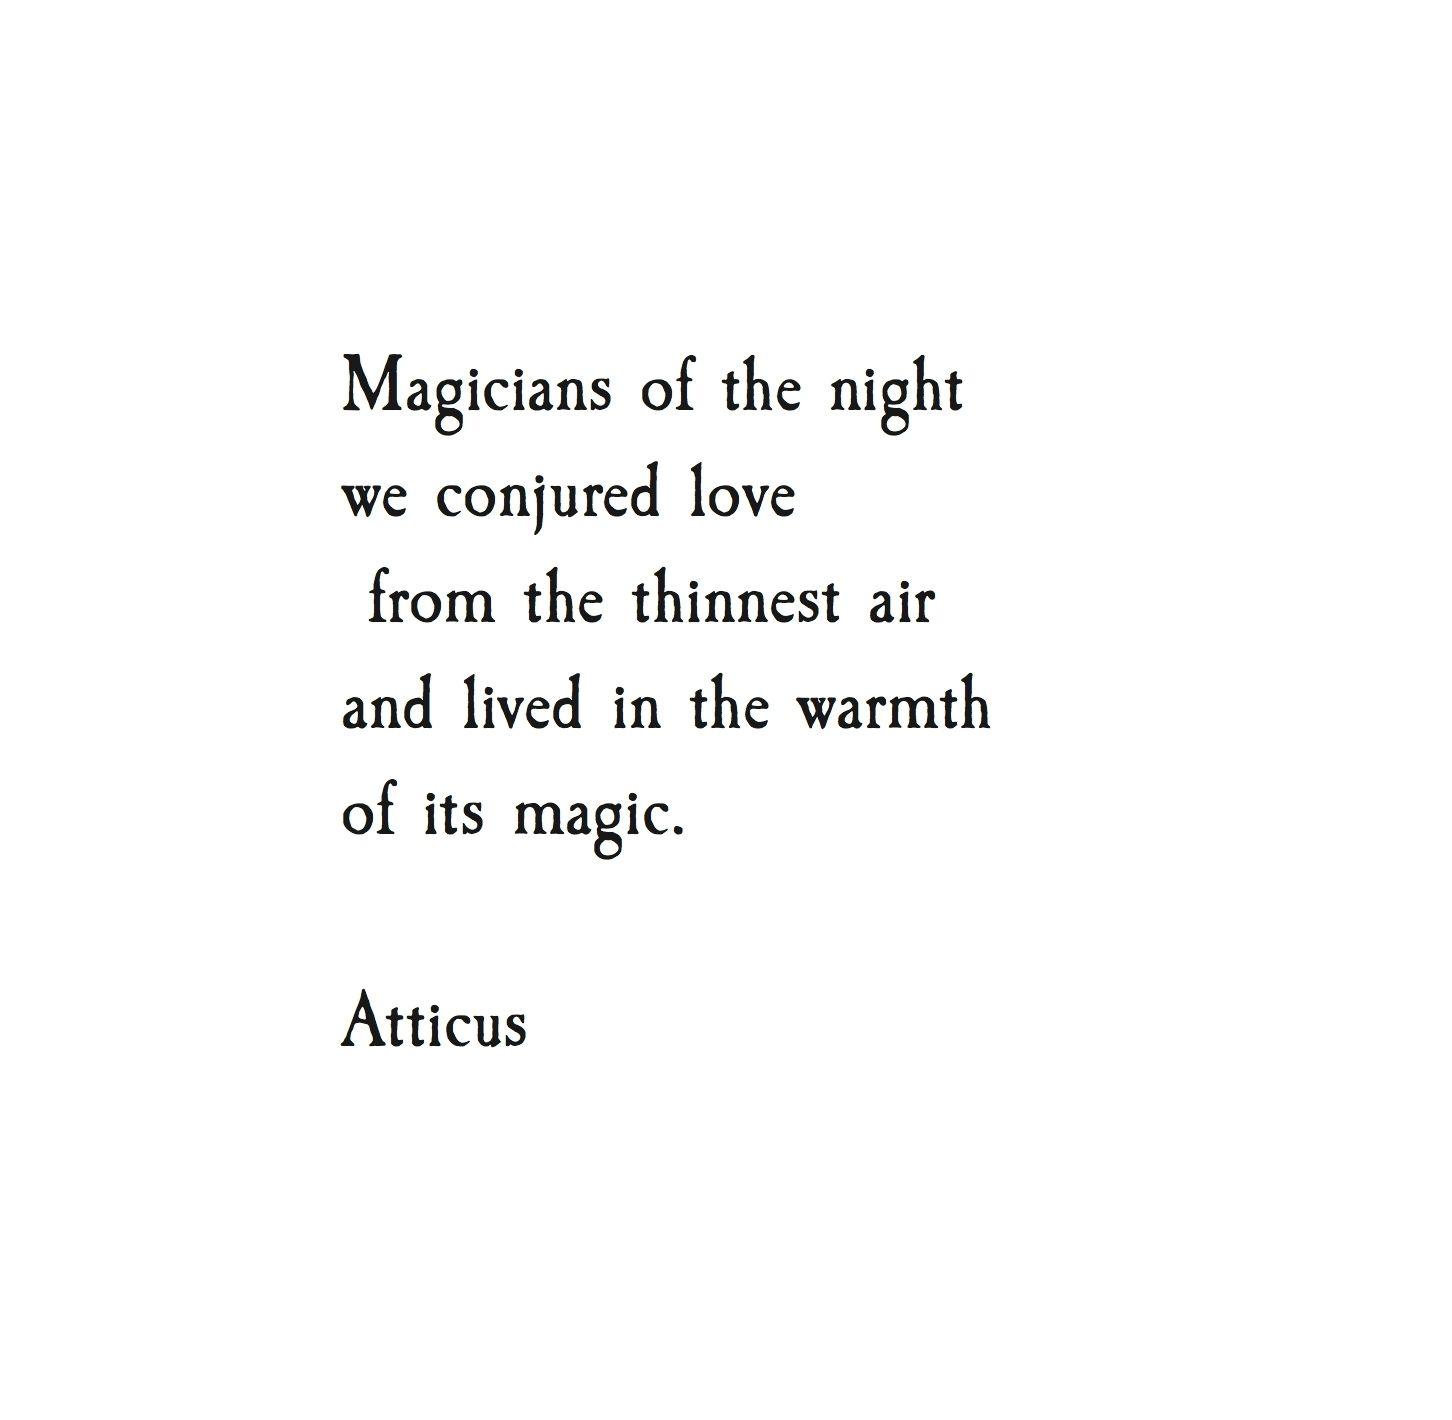 Love Bird Quotes Conjure' Atticuspoetry Atticus Poetry Poem Magic Love Night